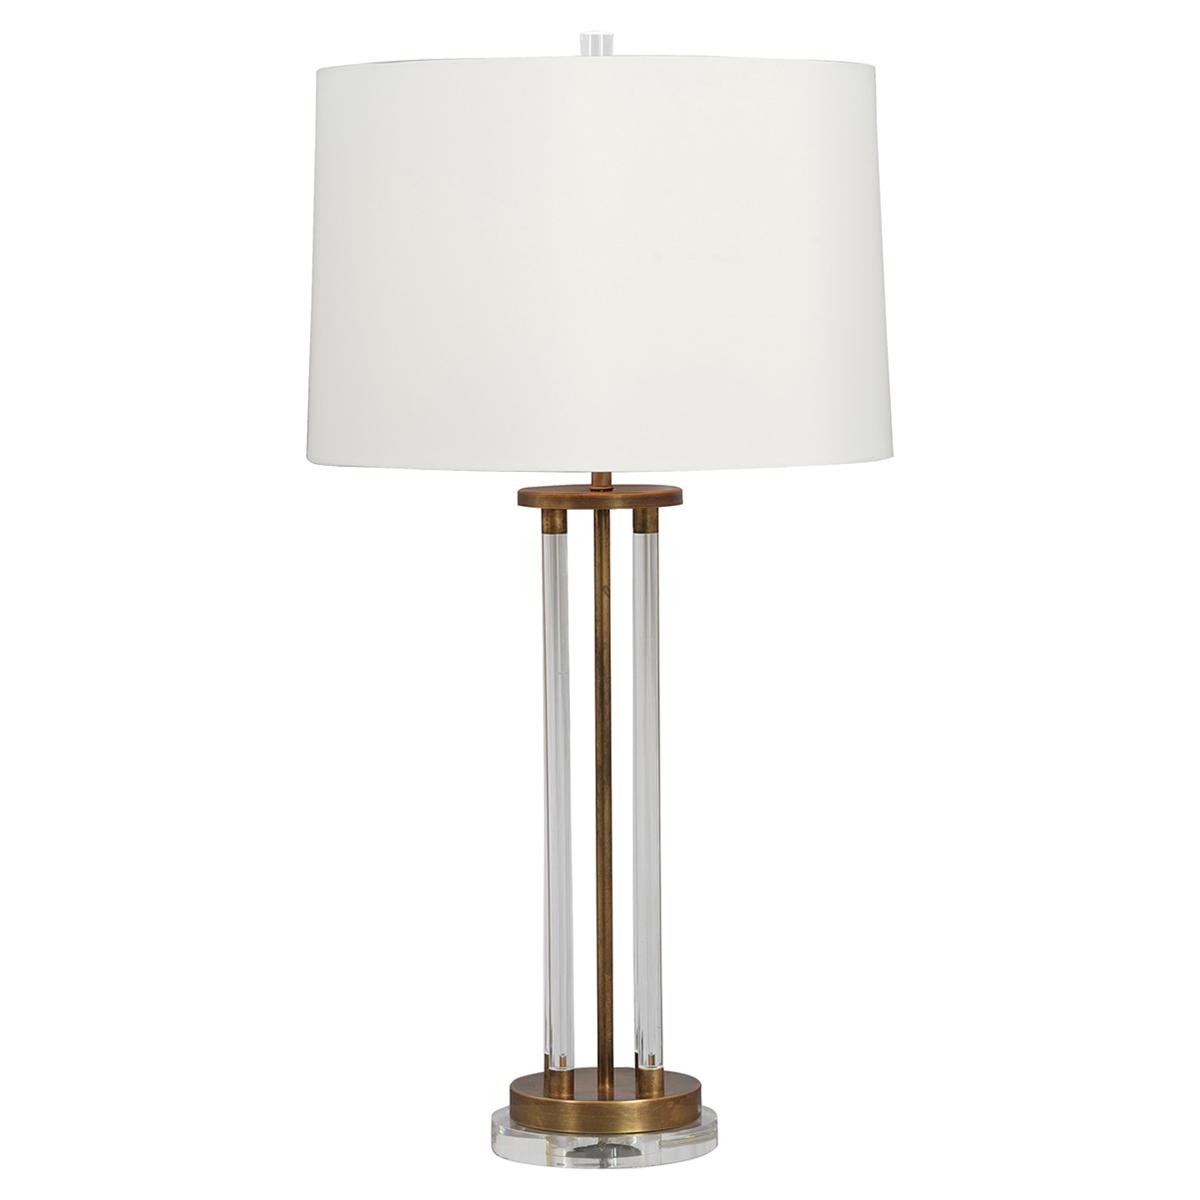 Renee Modern Lucite Column GoldBrass Table Lamp